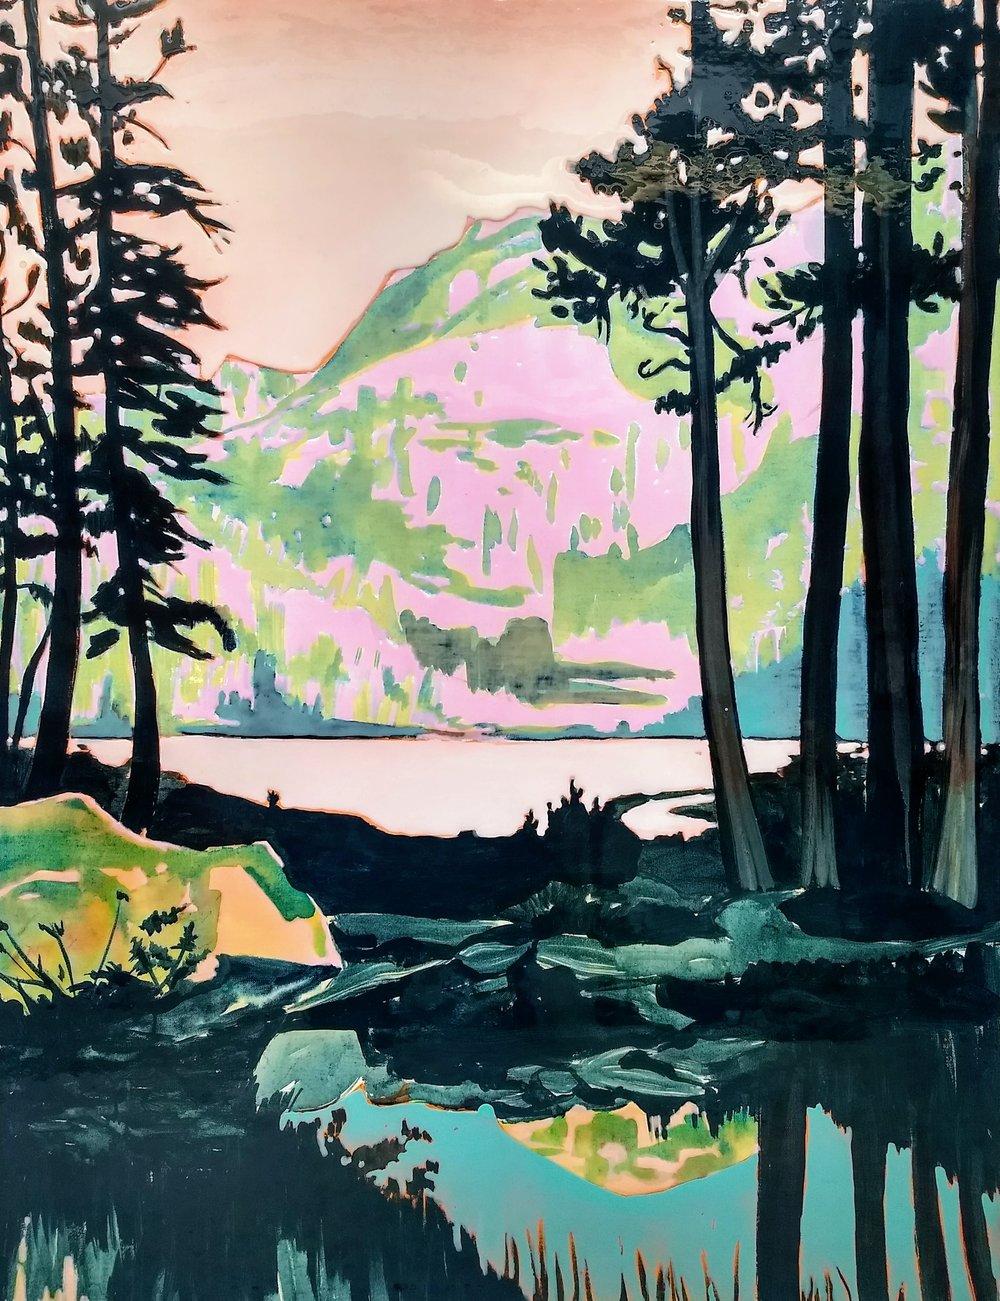 猛犸山区湖 130 x 100 cm 布面丙烯酸及环氧树脂 已售